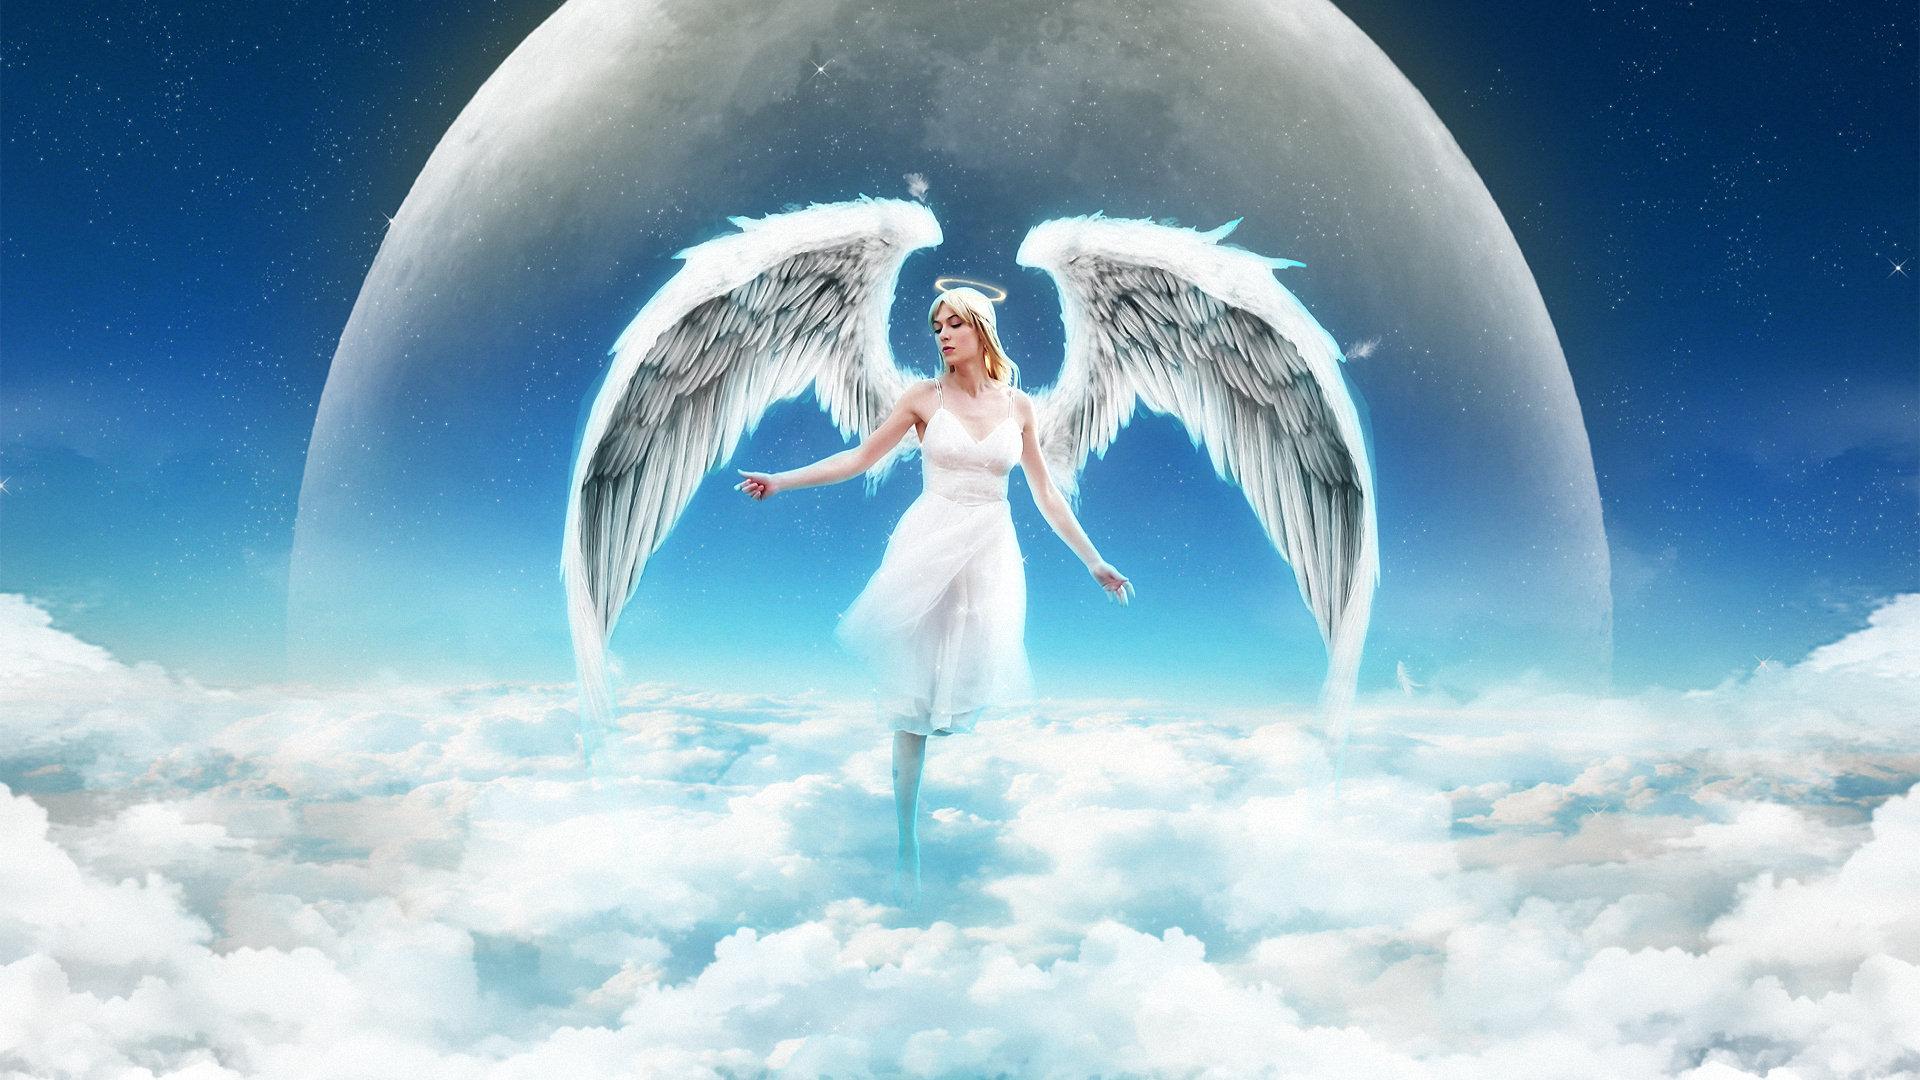 Ảnh thiên thần trong trắng